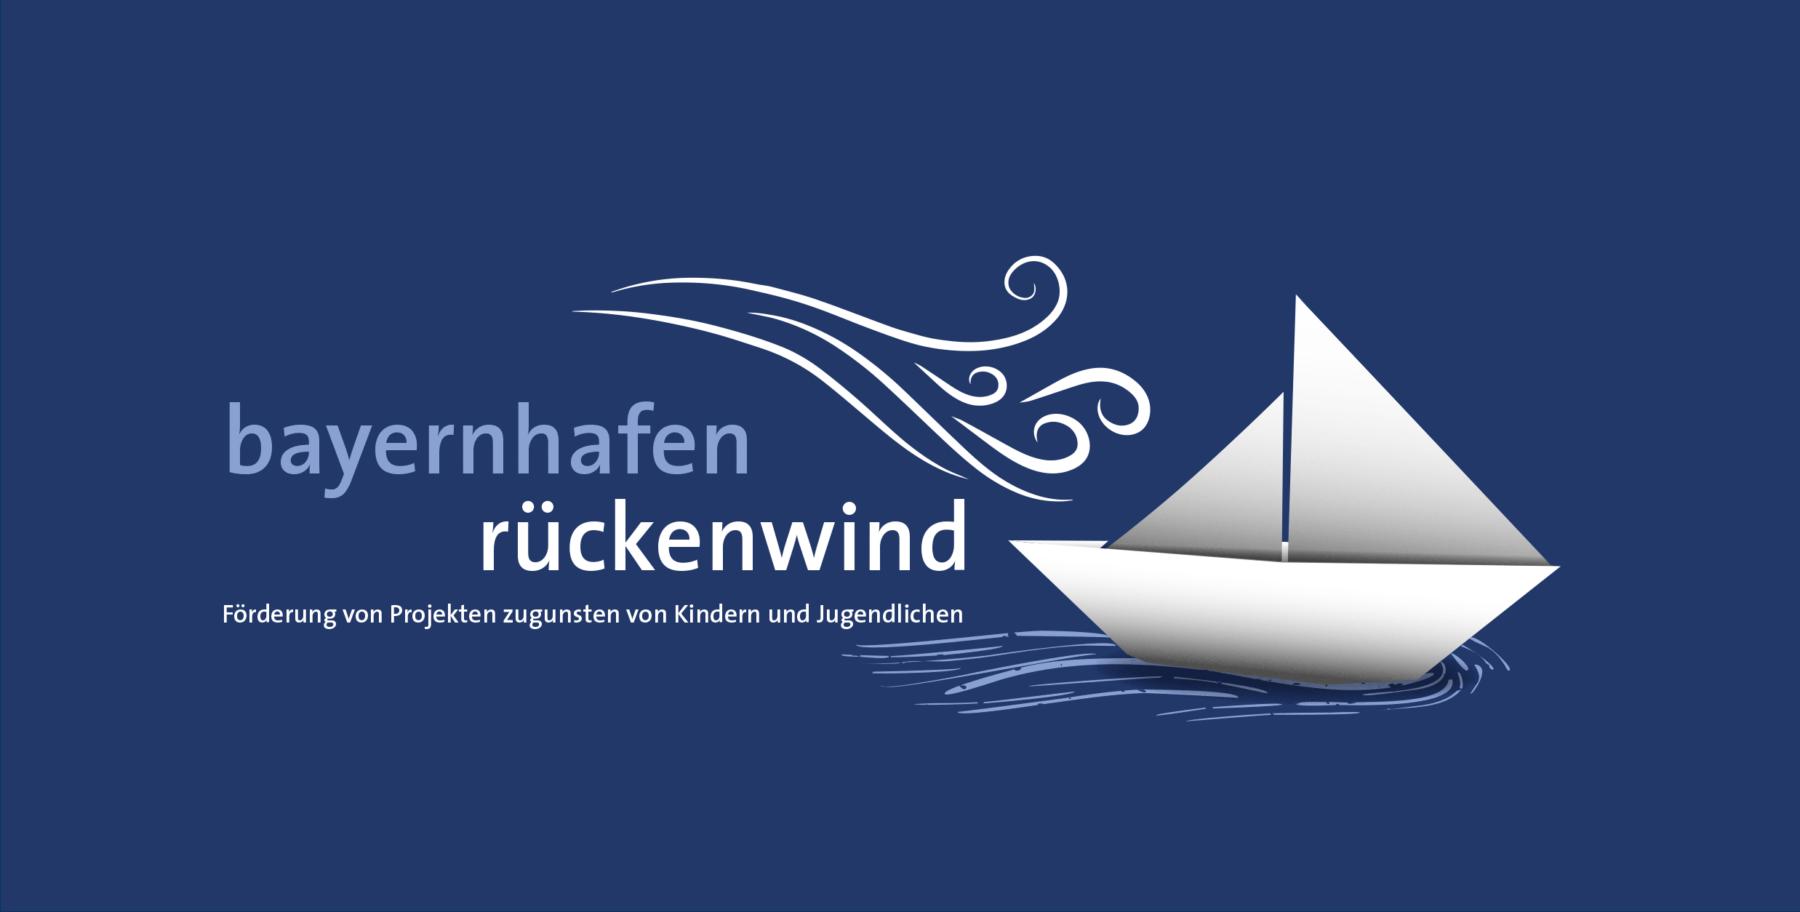 Grafik Spendenwettbewerb bayernhafen rückenwind KeyVisual